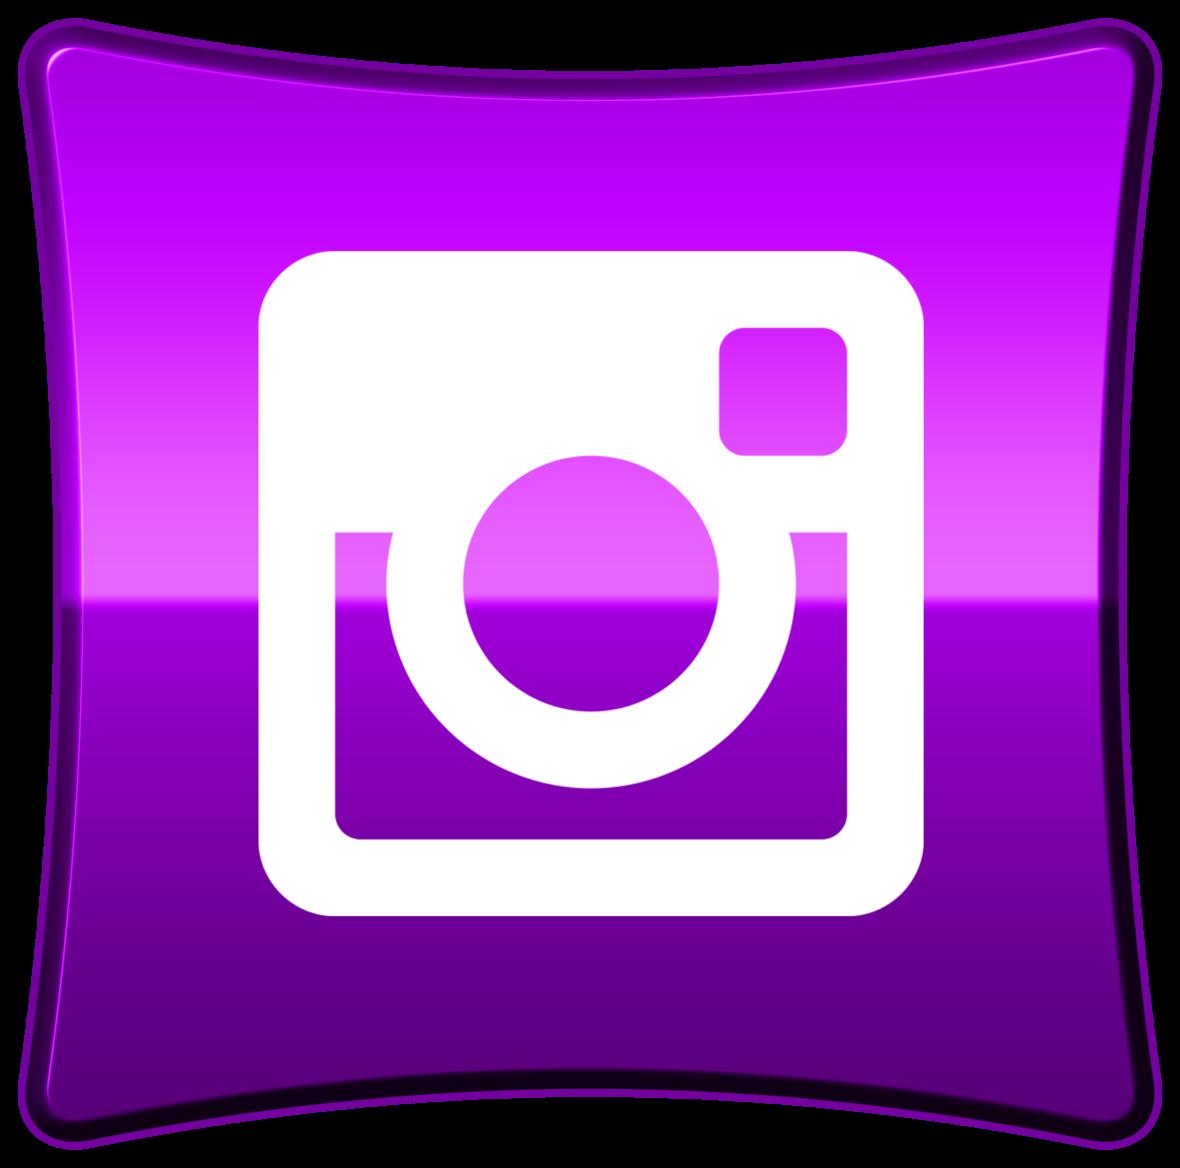 PurpleIGButton